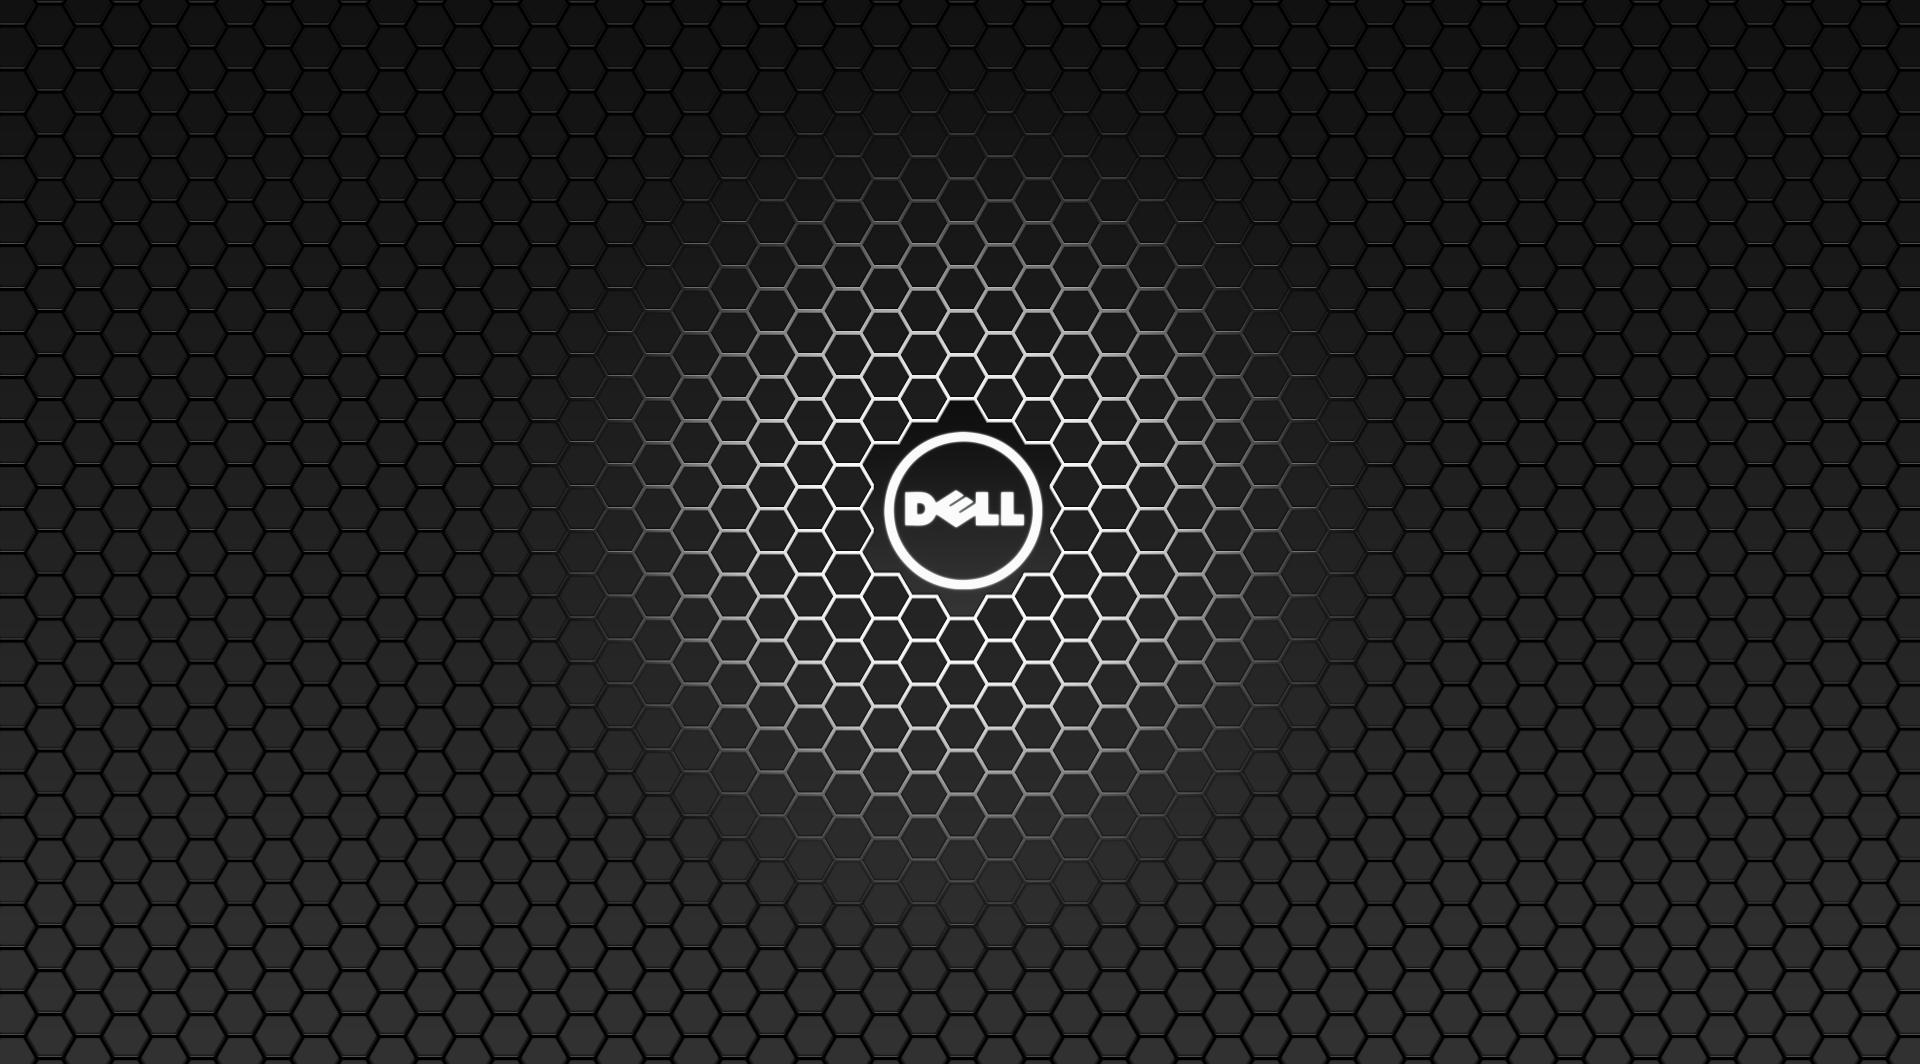 Dell Wallpaper 4K Background, Black Dell Wallpaper 4K, #27542